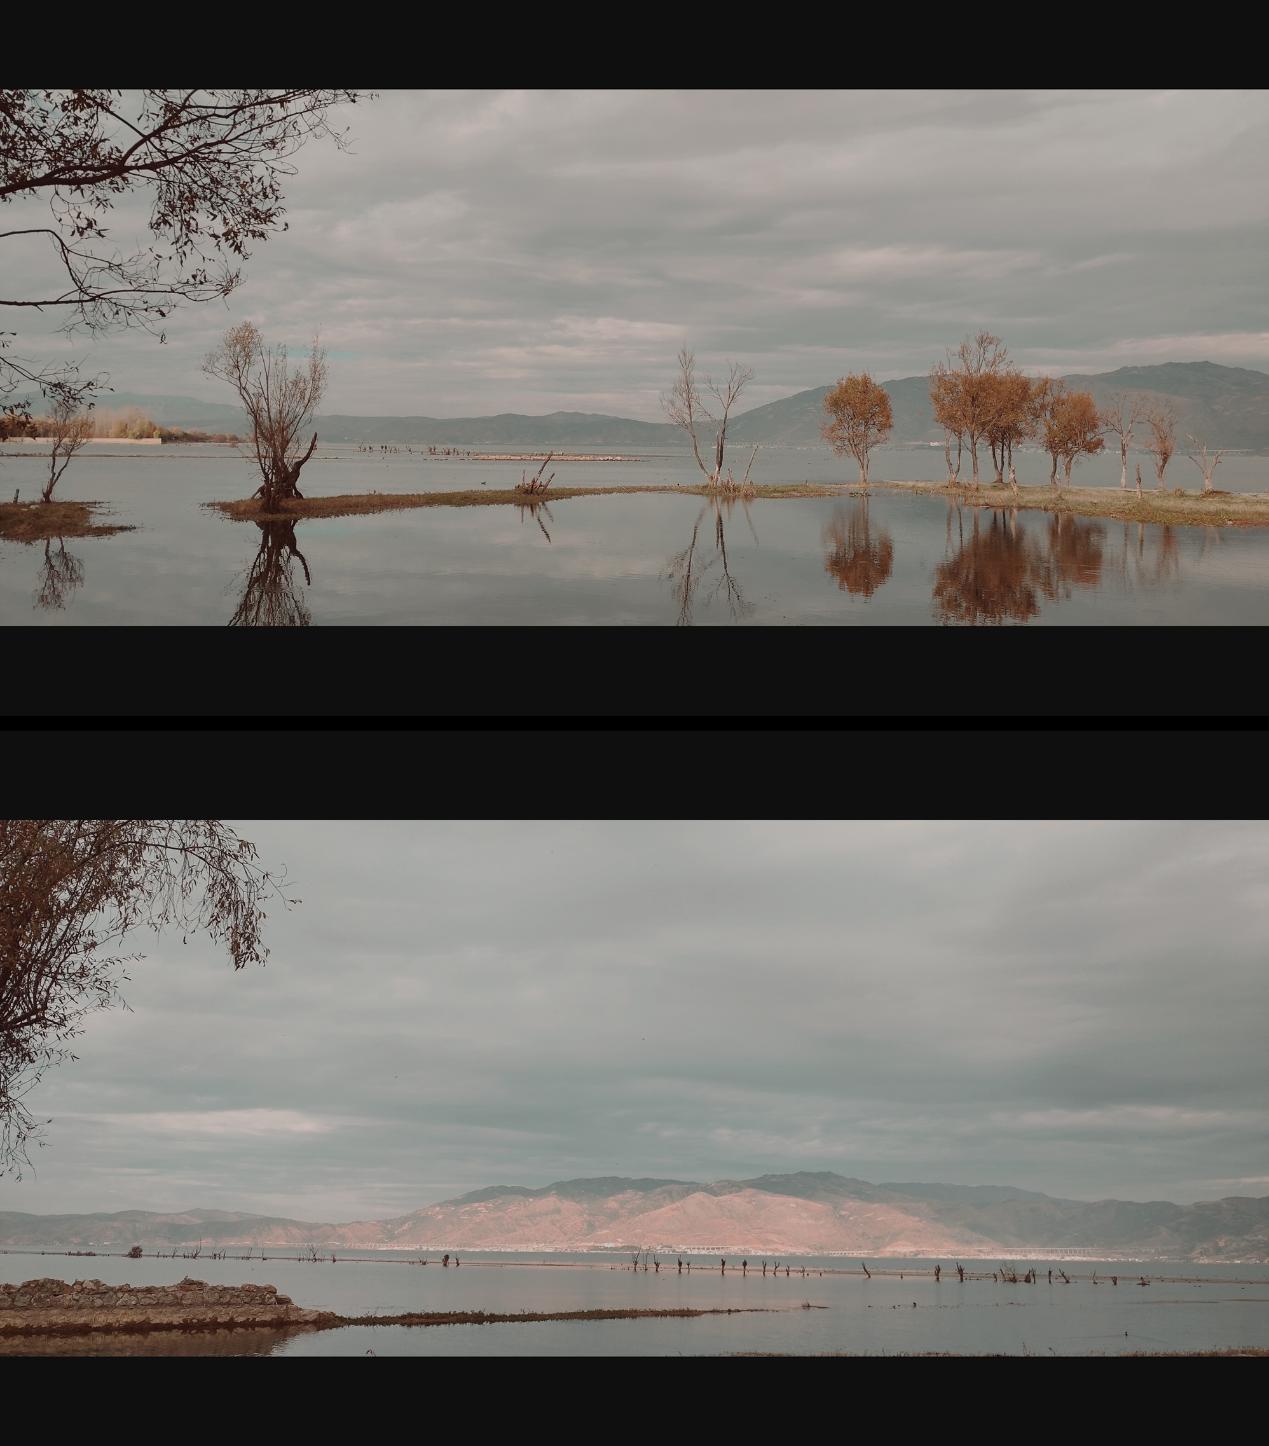 美女摄影师分享旅拍小技巧,夜景人像、建筑风景美图V7一机搞定!